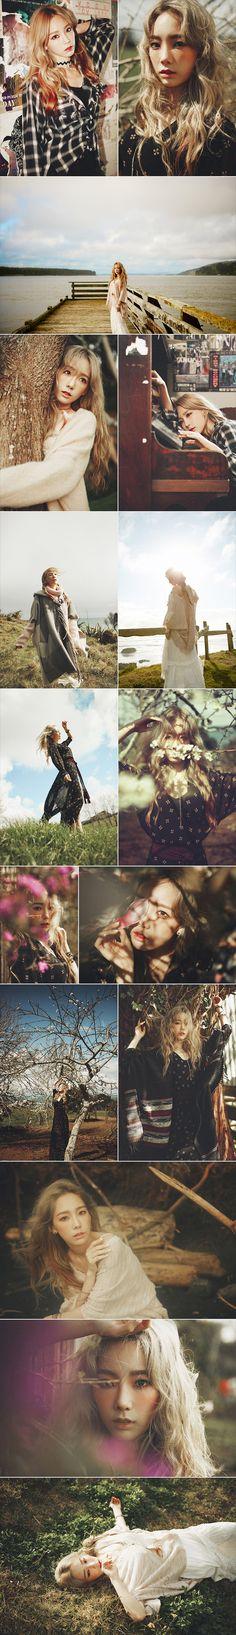 스페셜 : 네이버 뮤직 Taeyeon, 태연 - [I] The 1st Mini Album